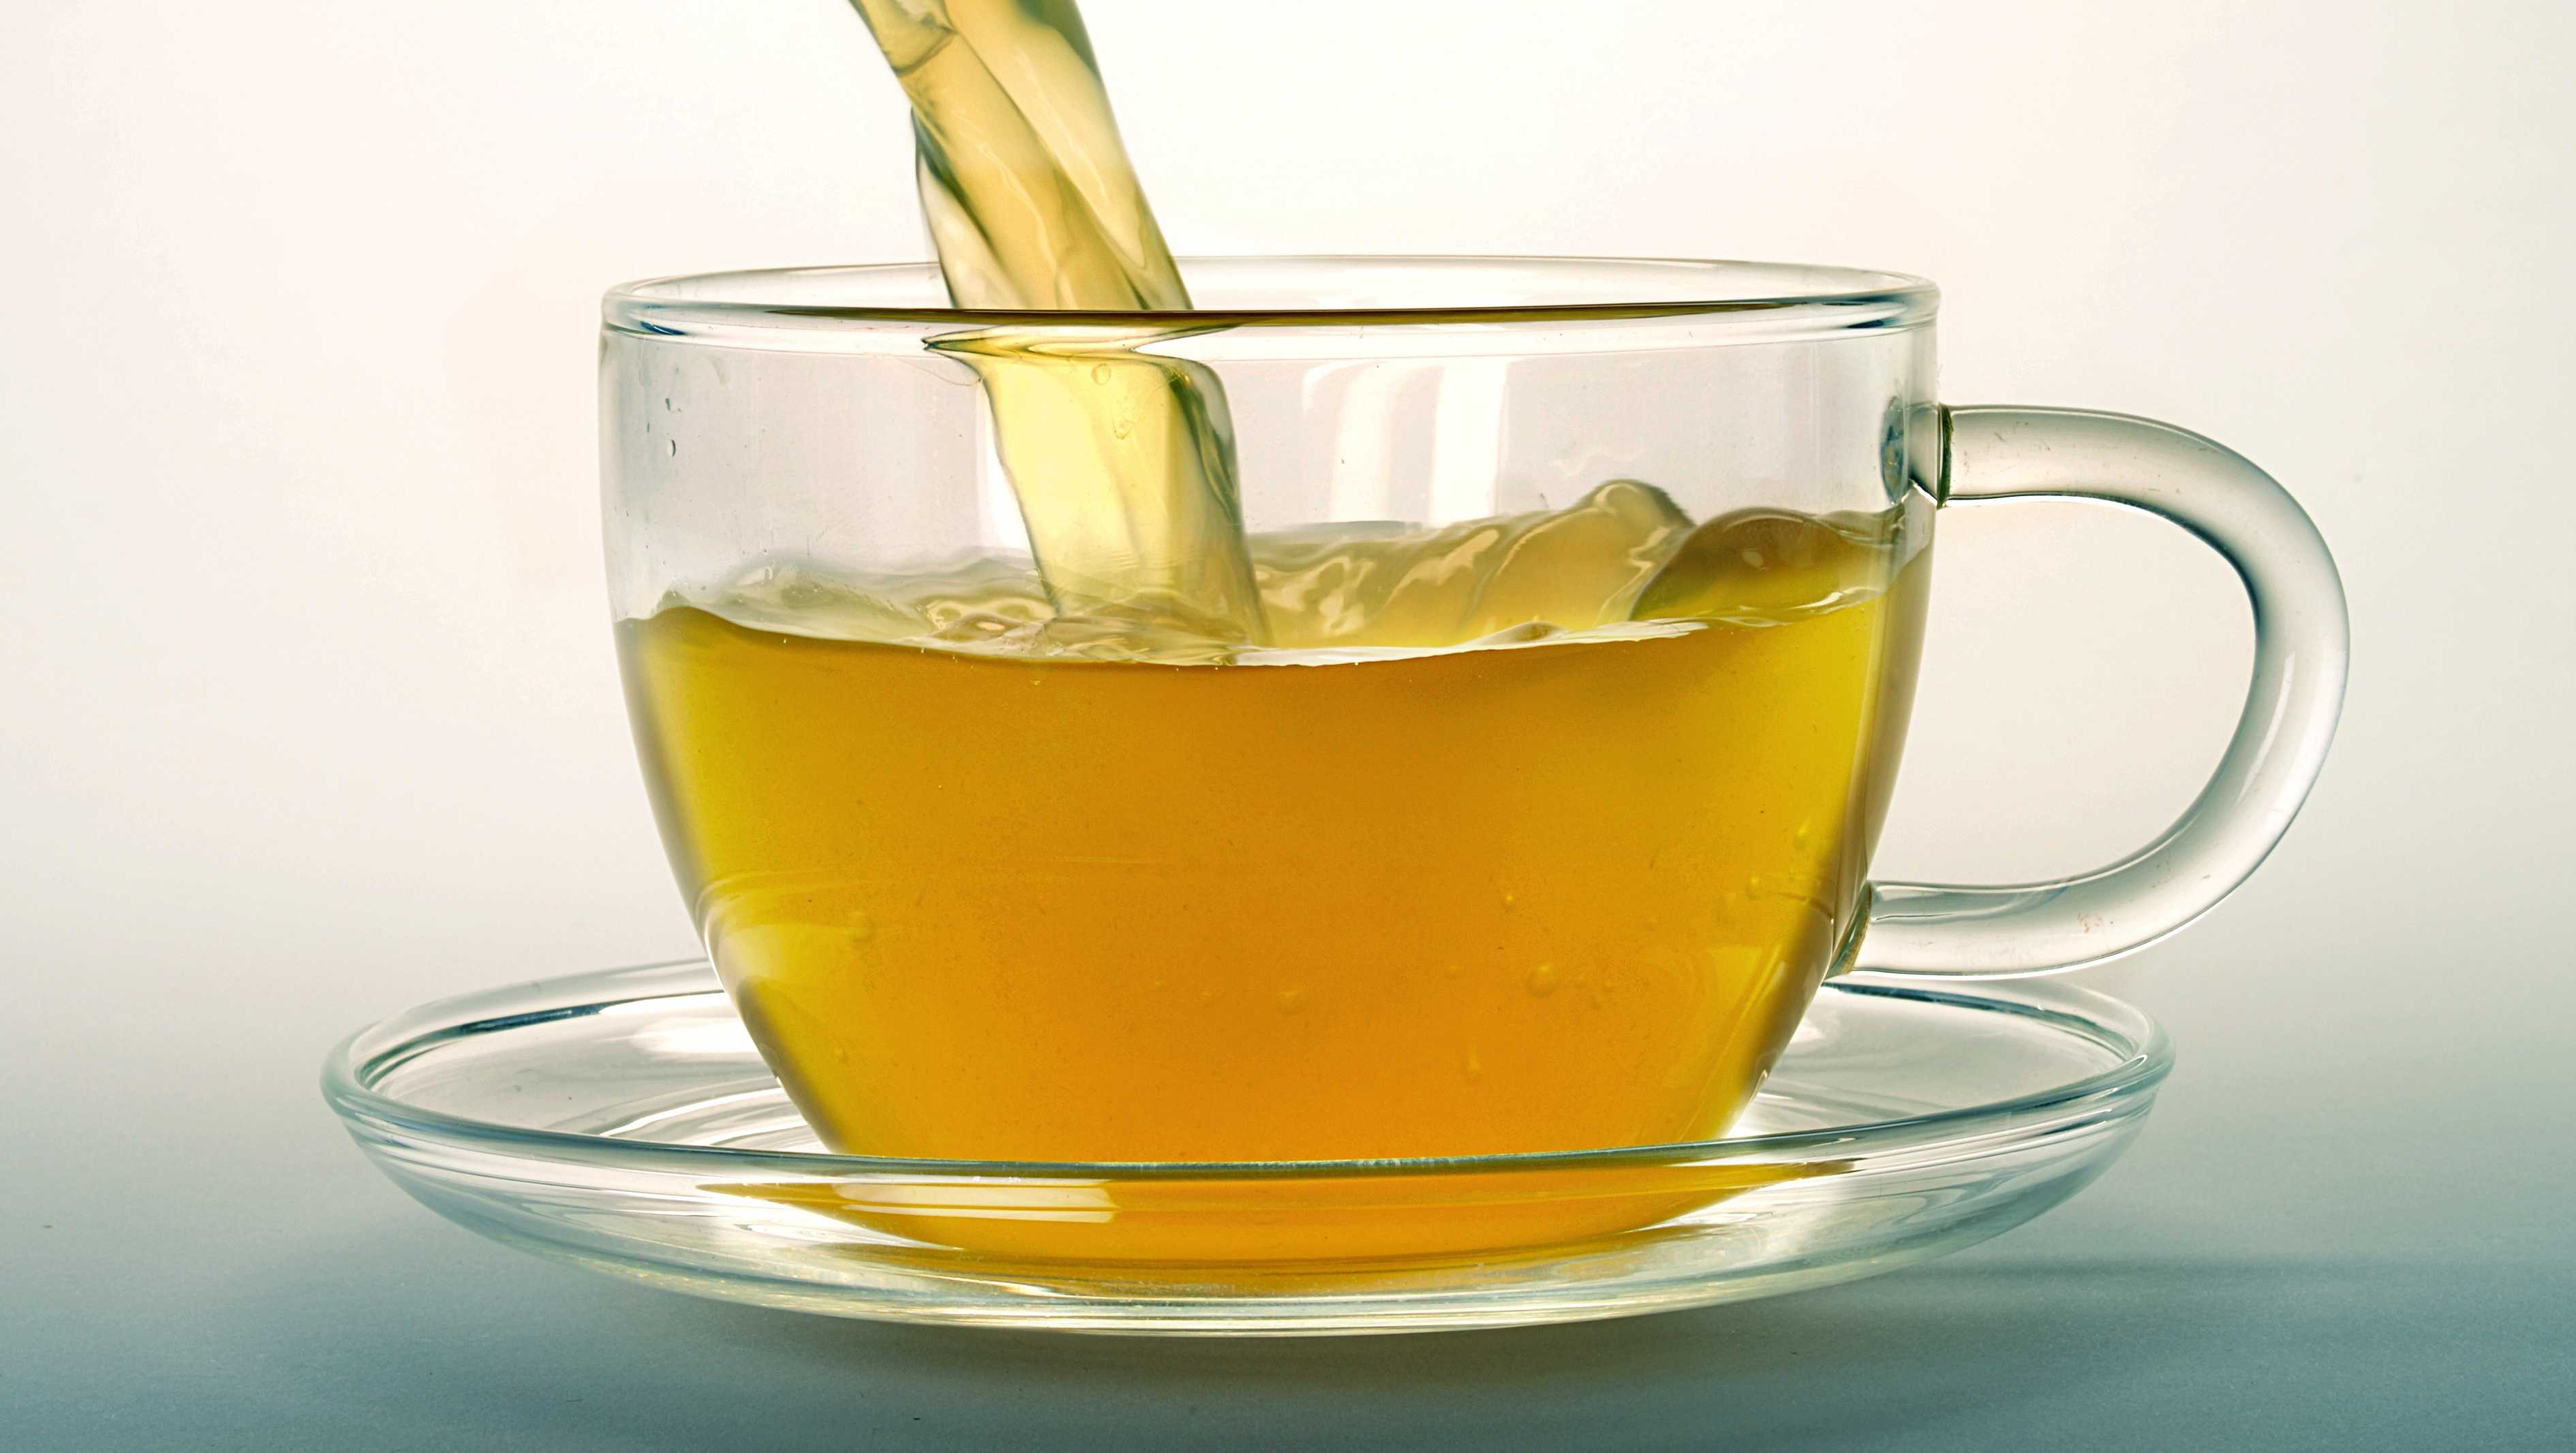 A cup of hot tea.